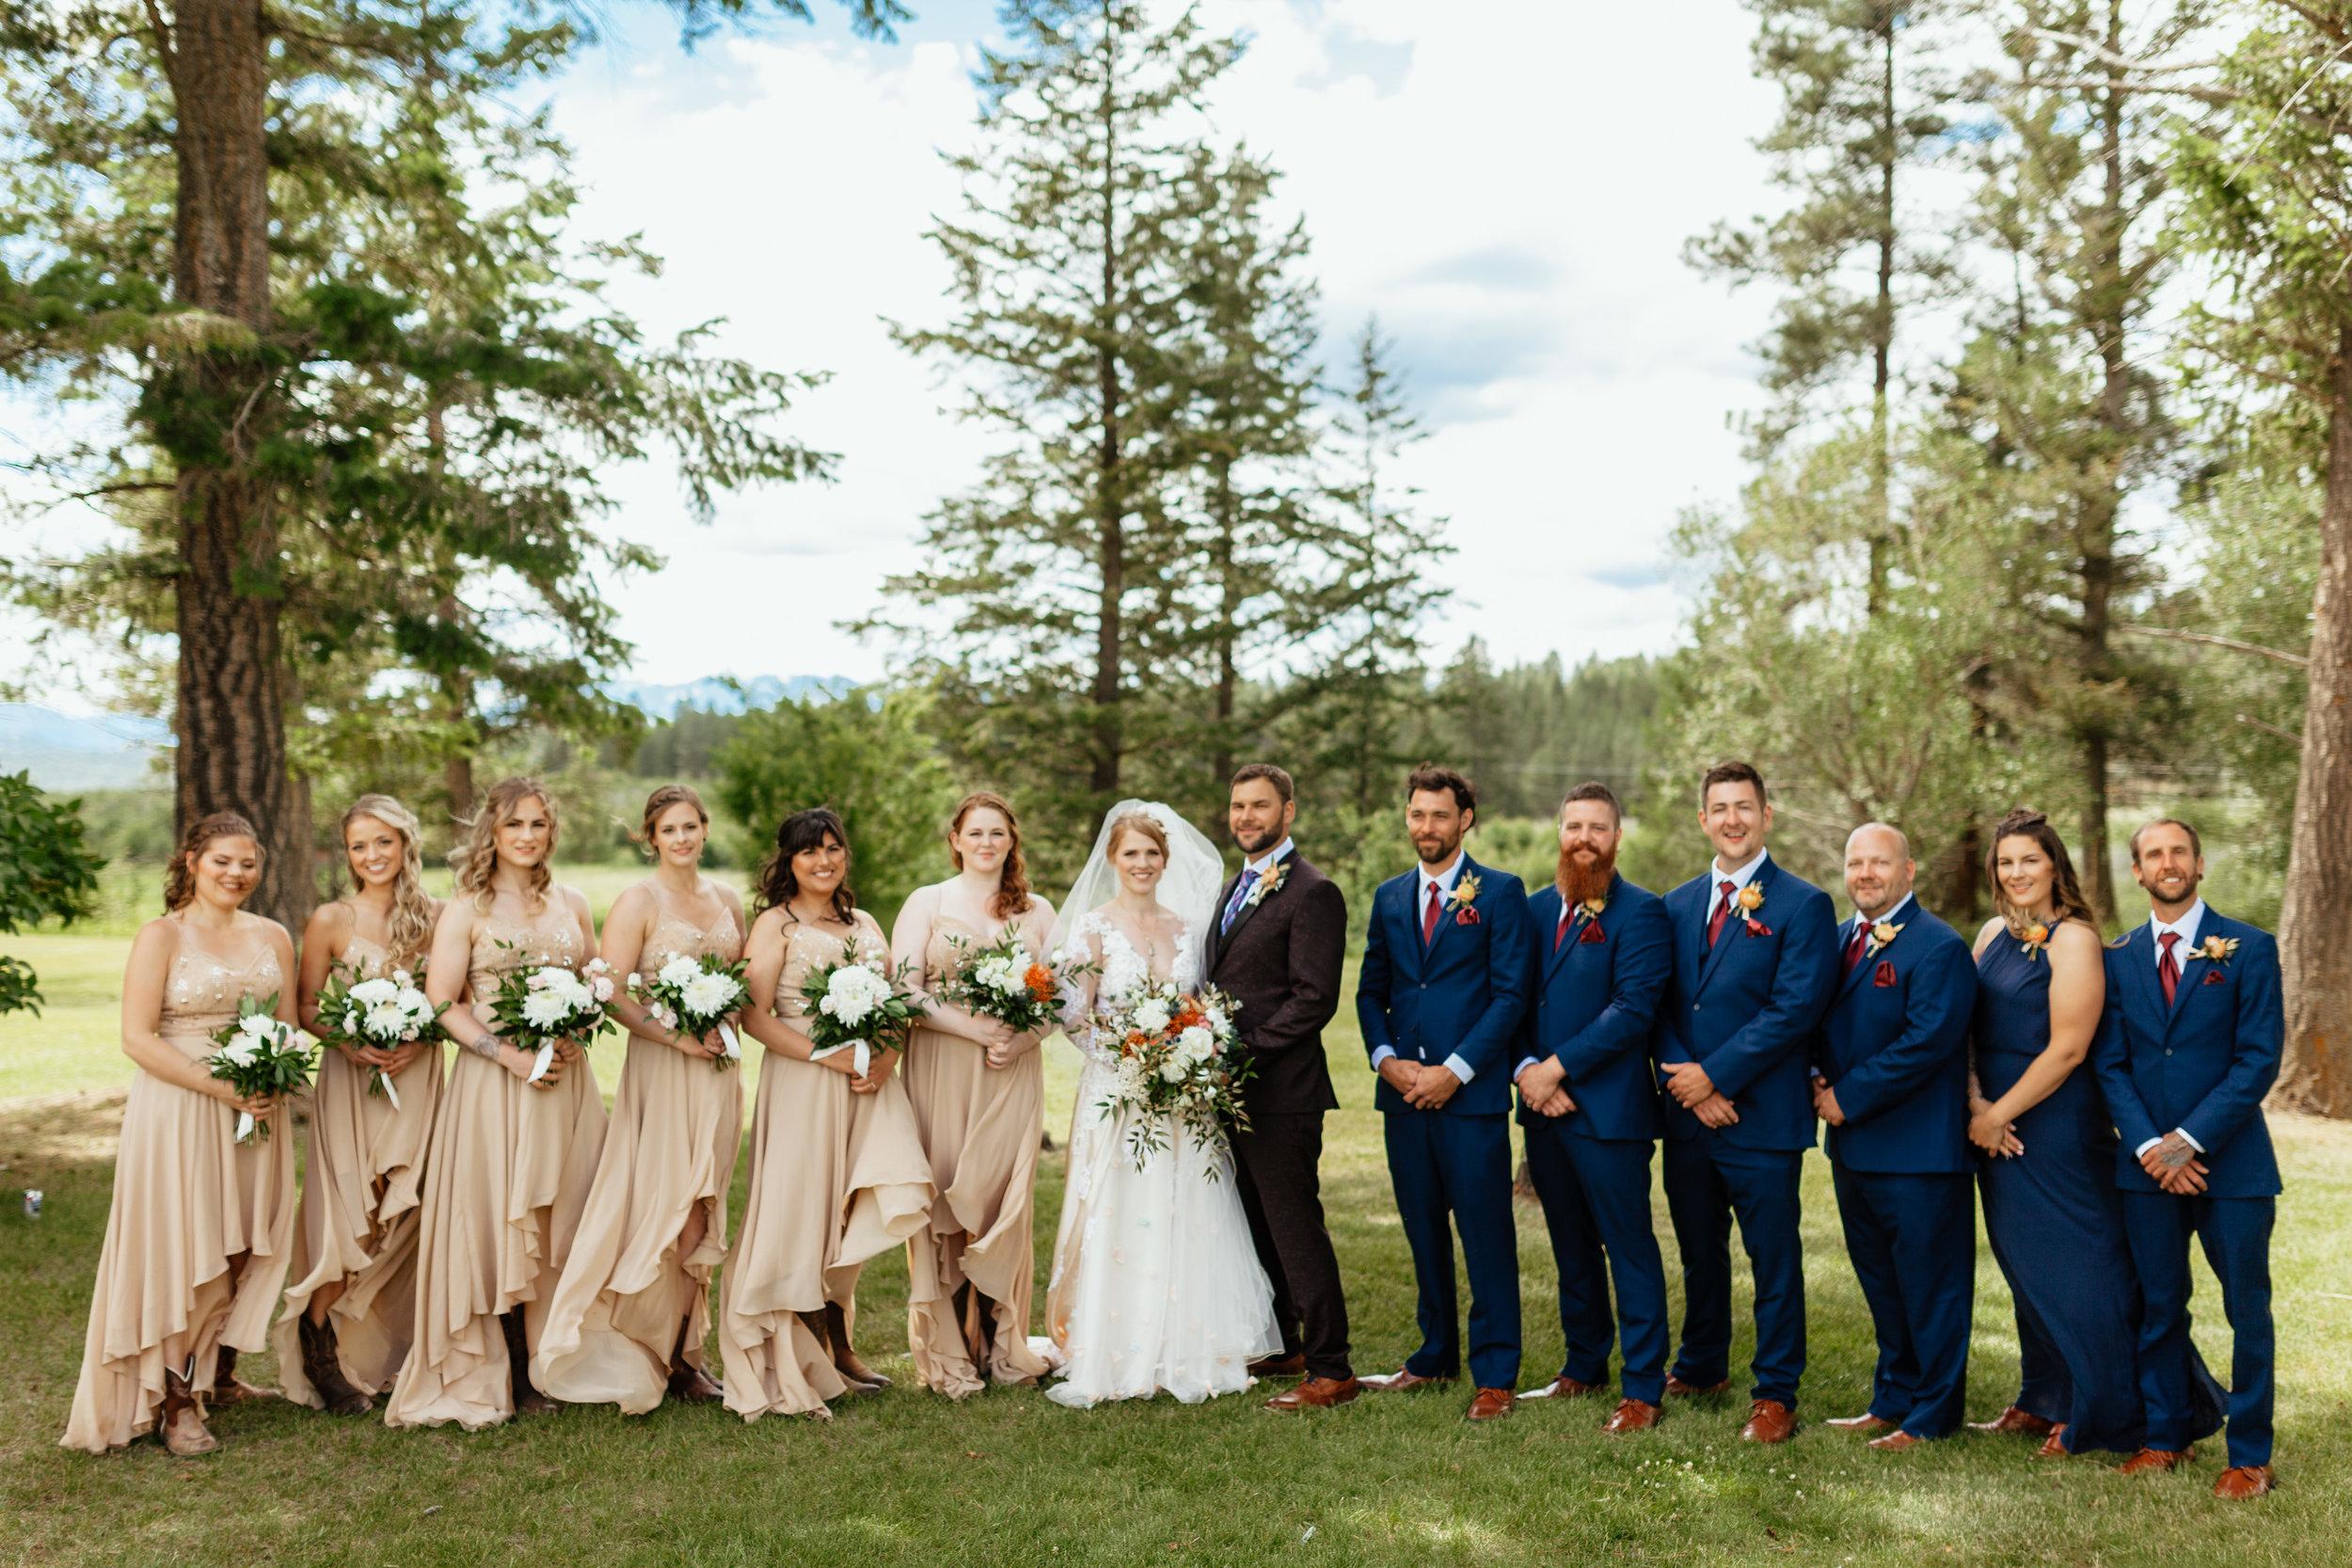 Dave + Amanda 4 - Bridal Portraits-11.jpg